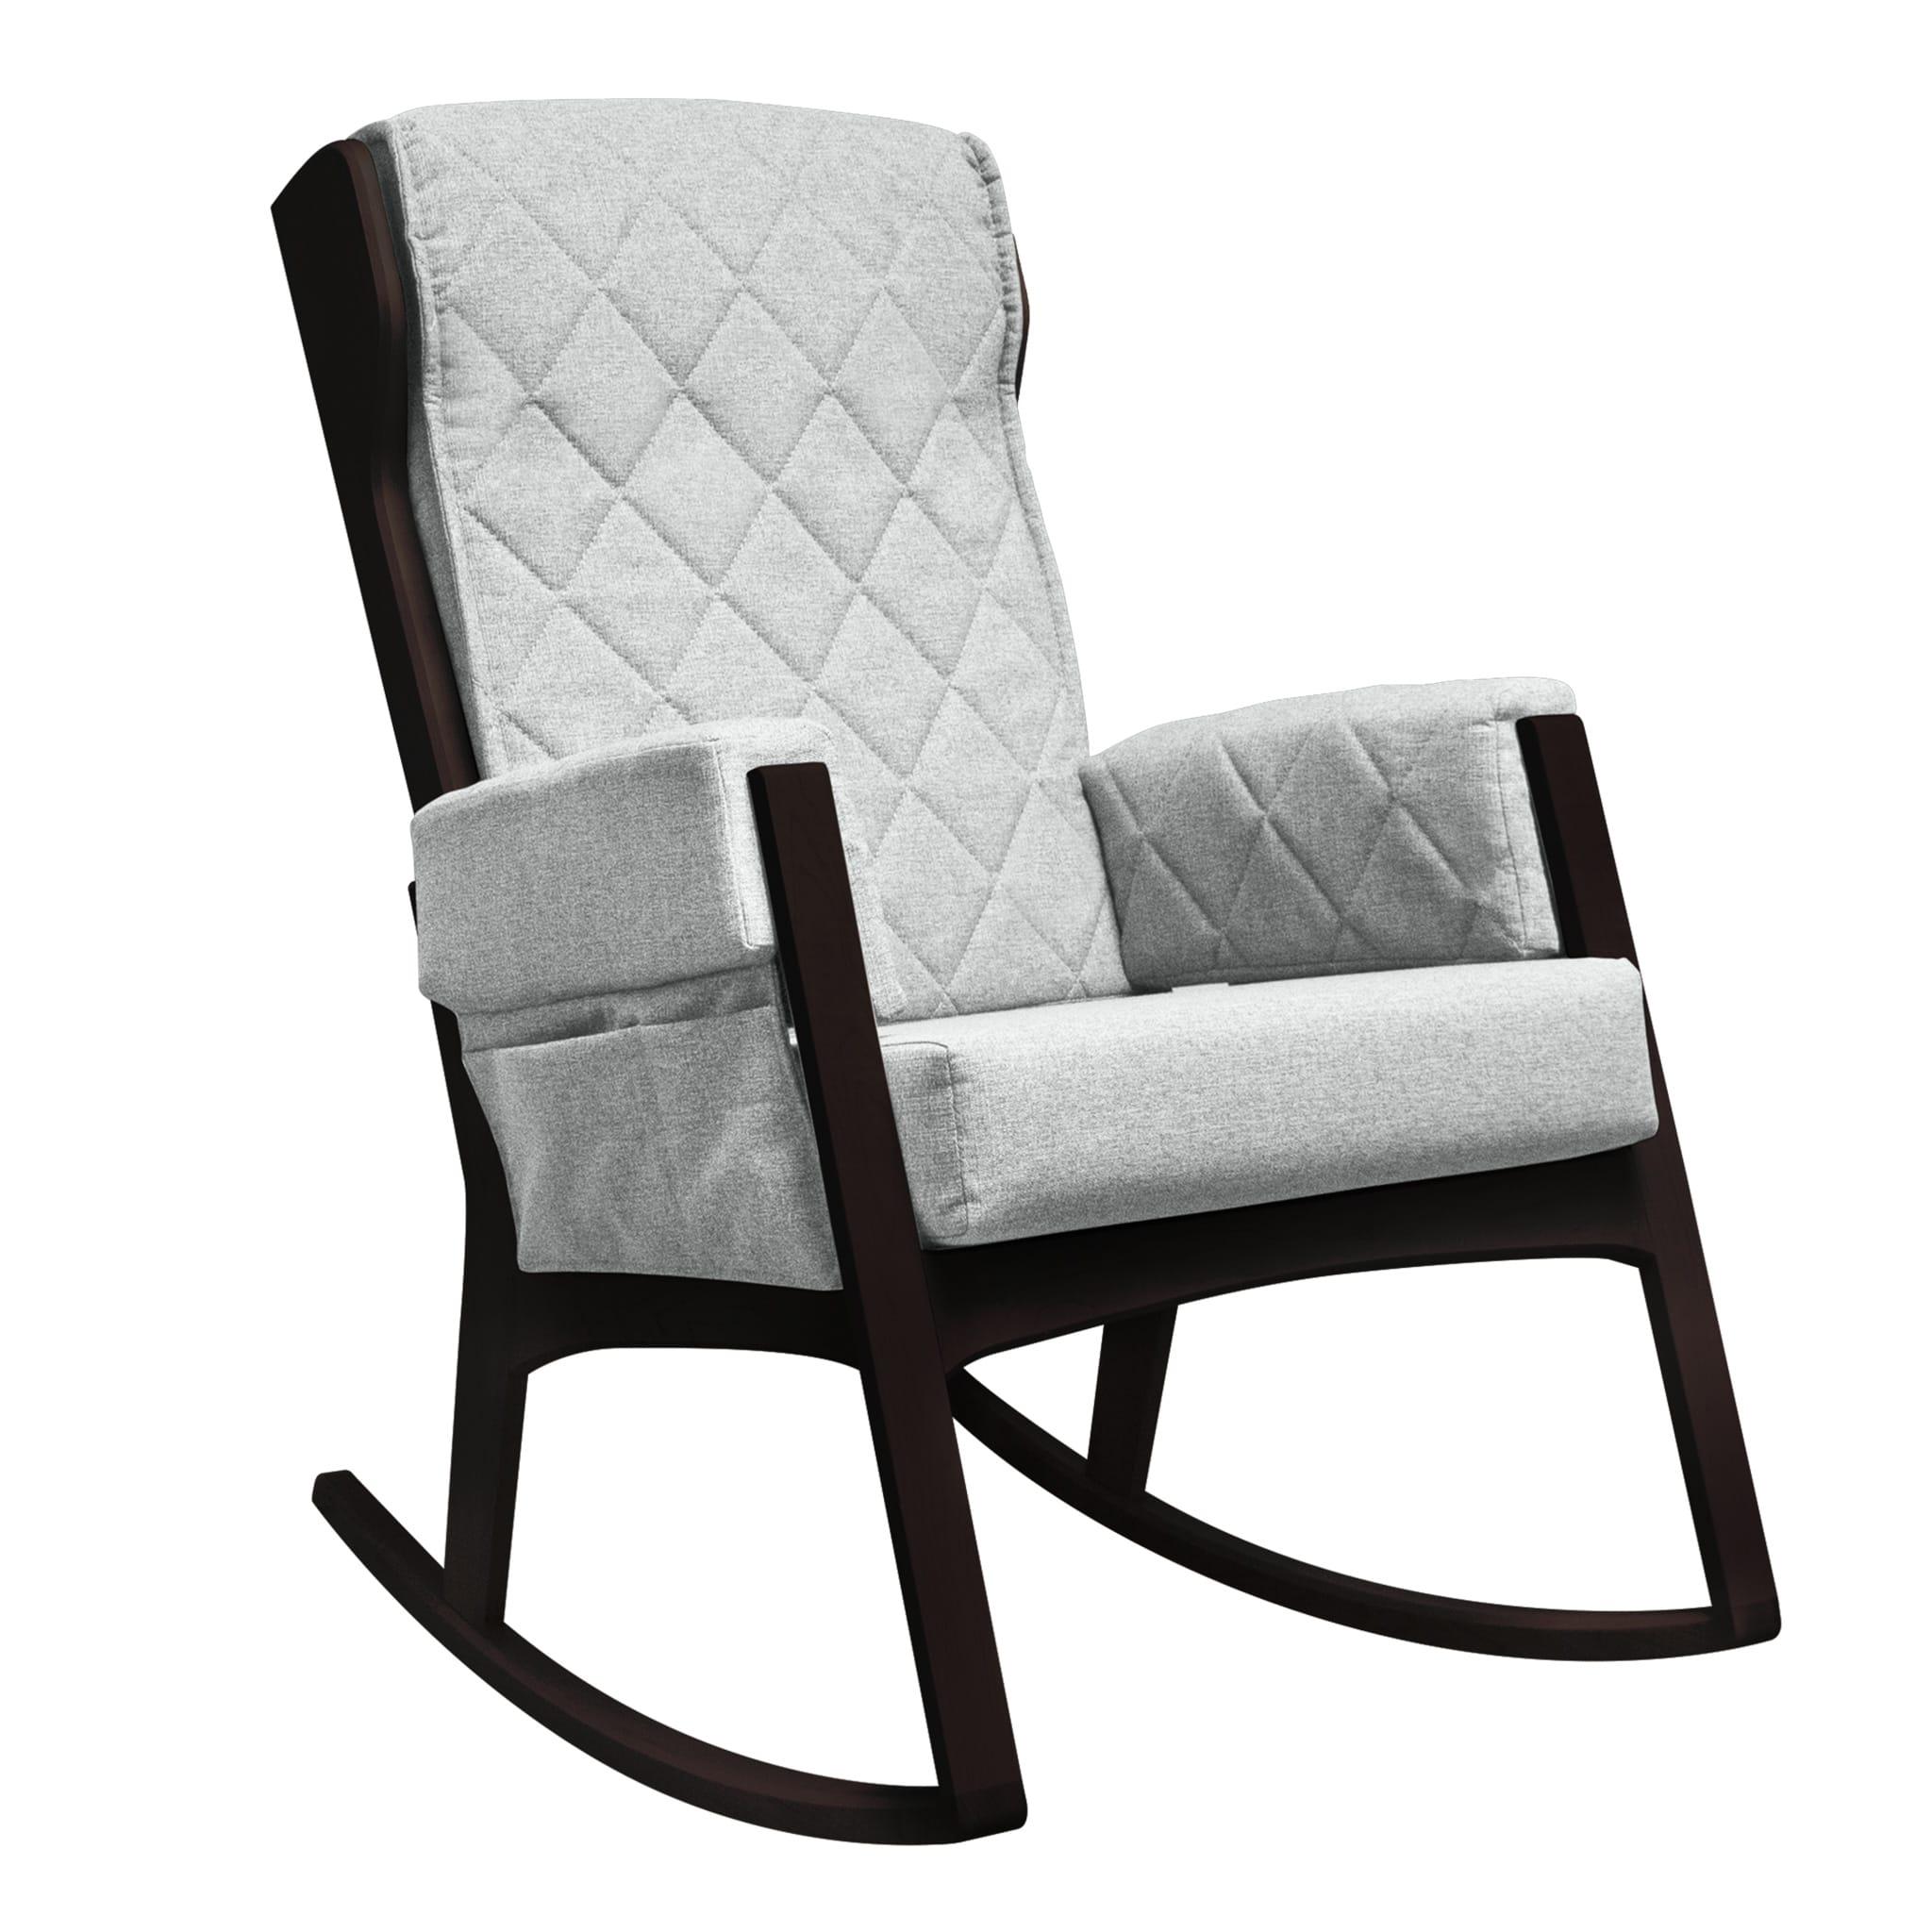 Quel Tissu Pour Chaise chaise berçante margot - bois expresso et tissu gris #5309 dutailier -  clément